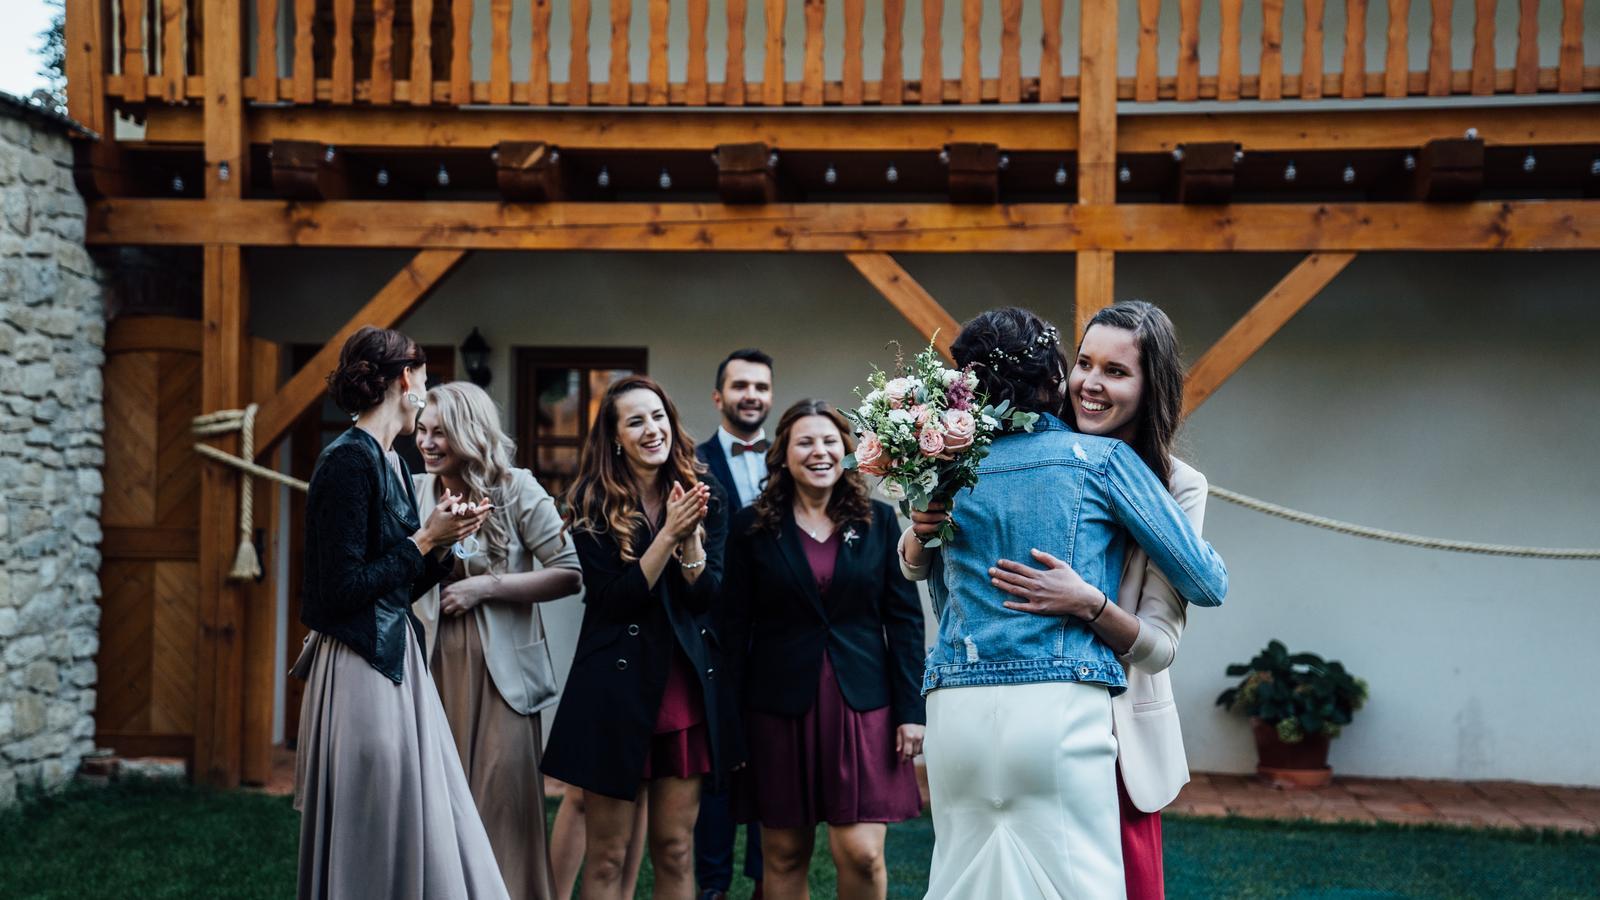 Kateřina & Tomáš (Podzimní svatba 2019) - Obrázek č. 26